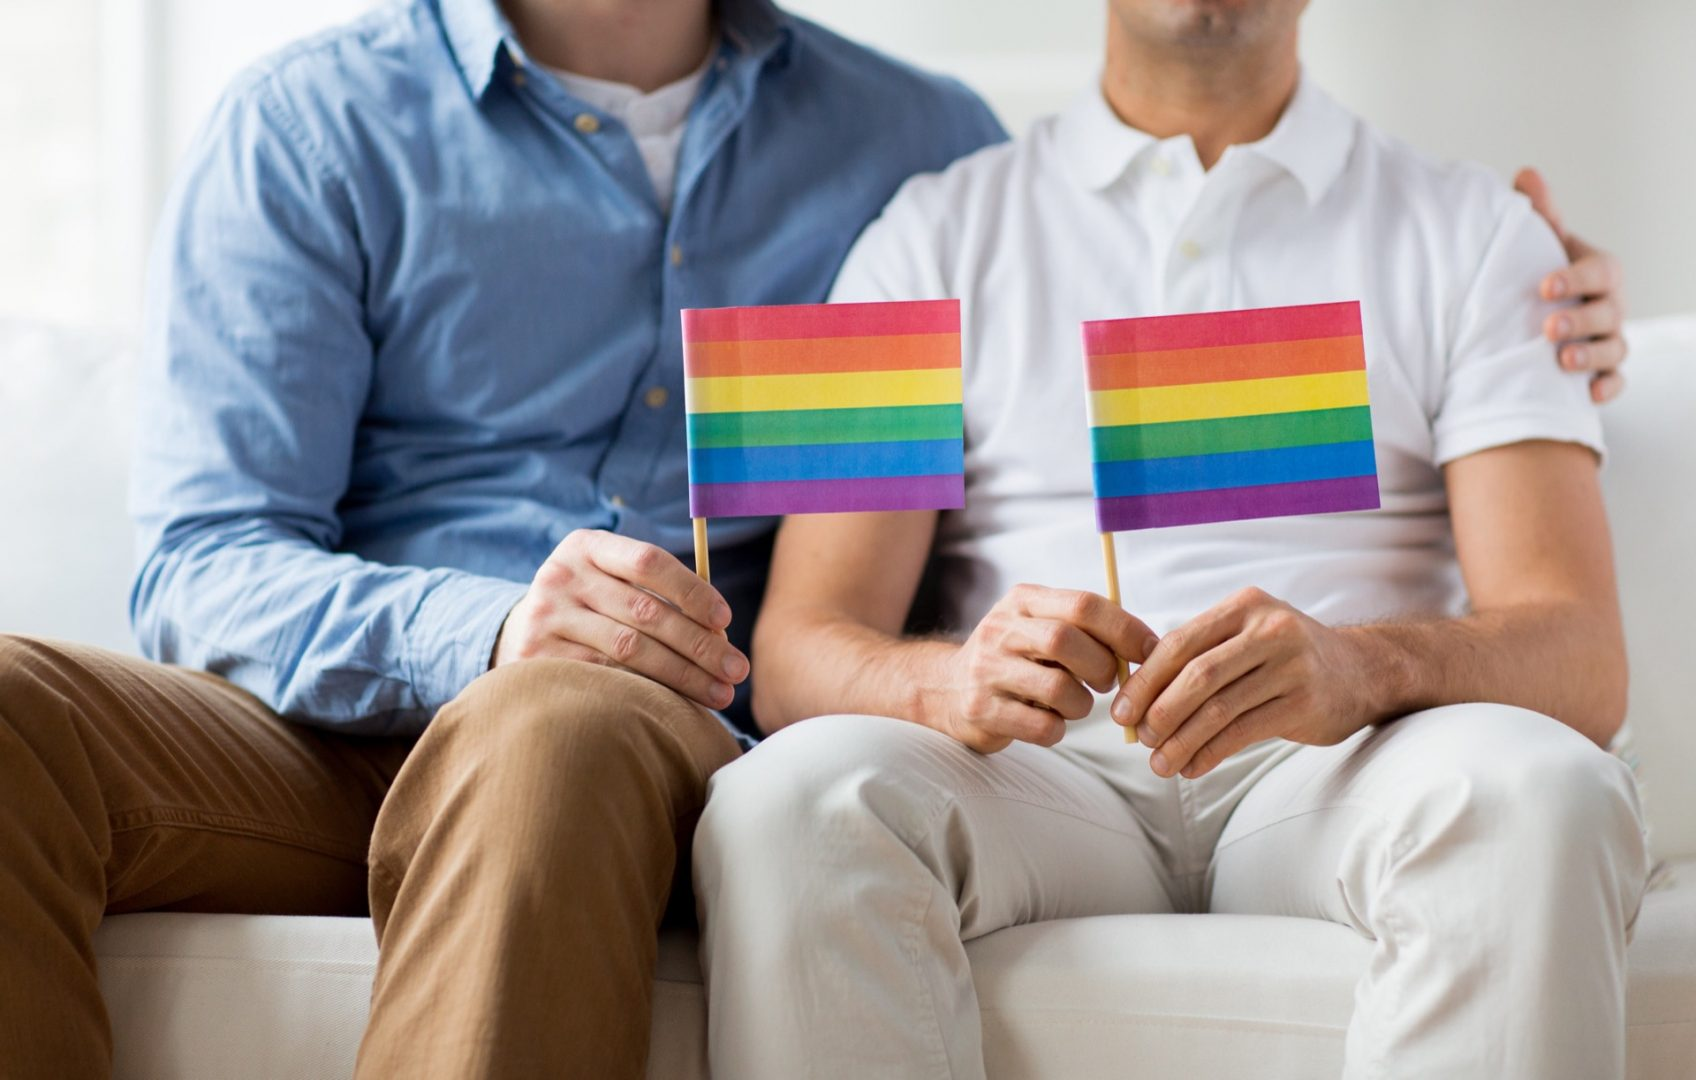 Parlamentul European cere protecție pentru homosexuali, transsexuali și intersexuali